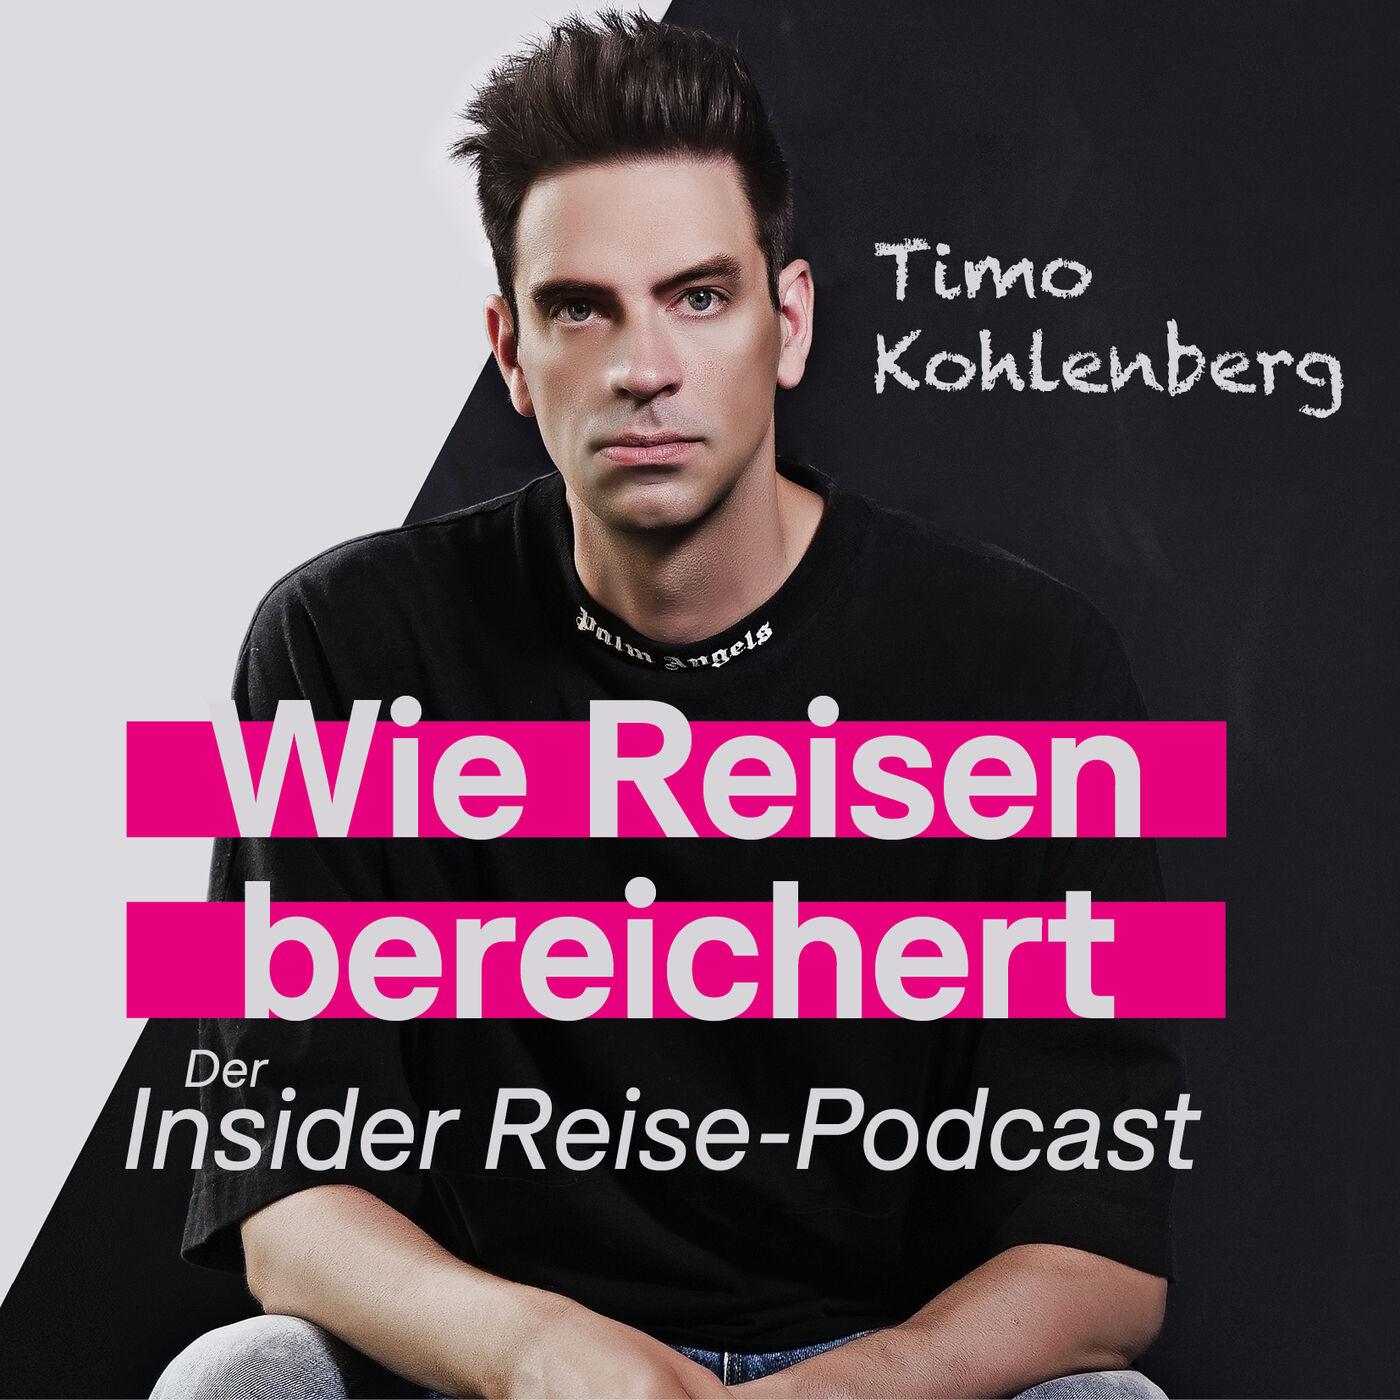 Leo Lehne: Reisen als Mindset und Grundbedürfnis | Keine Reise. Ein Erlebnis |Der Insider Reise-Podcast mit Timo Kohlenberg